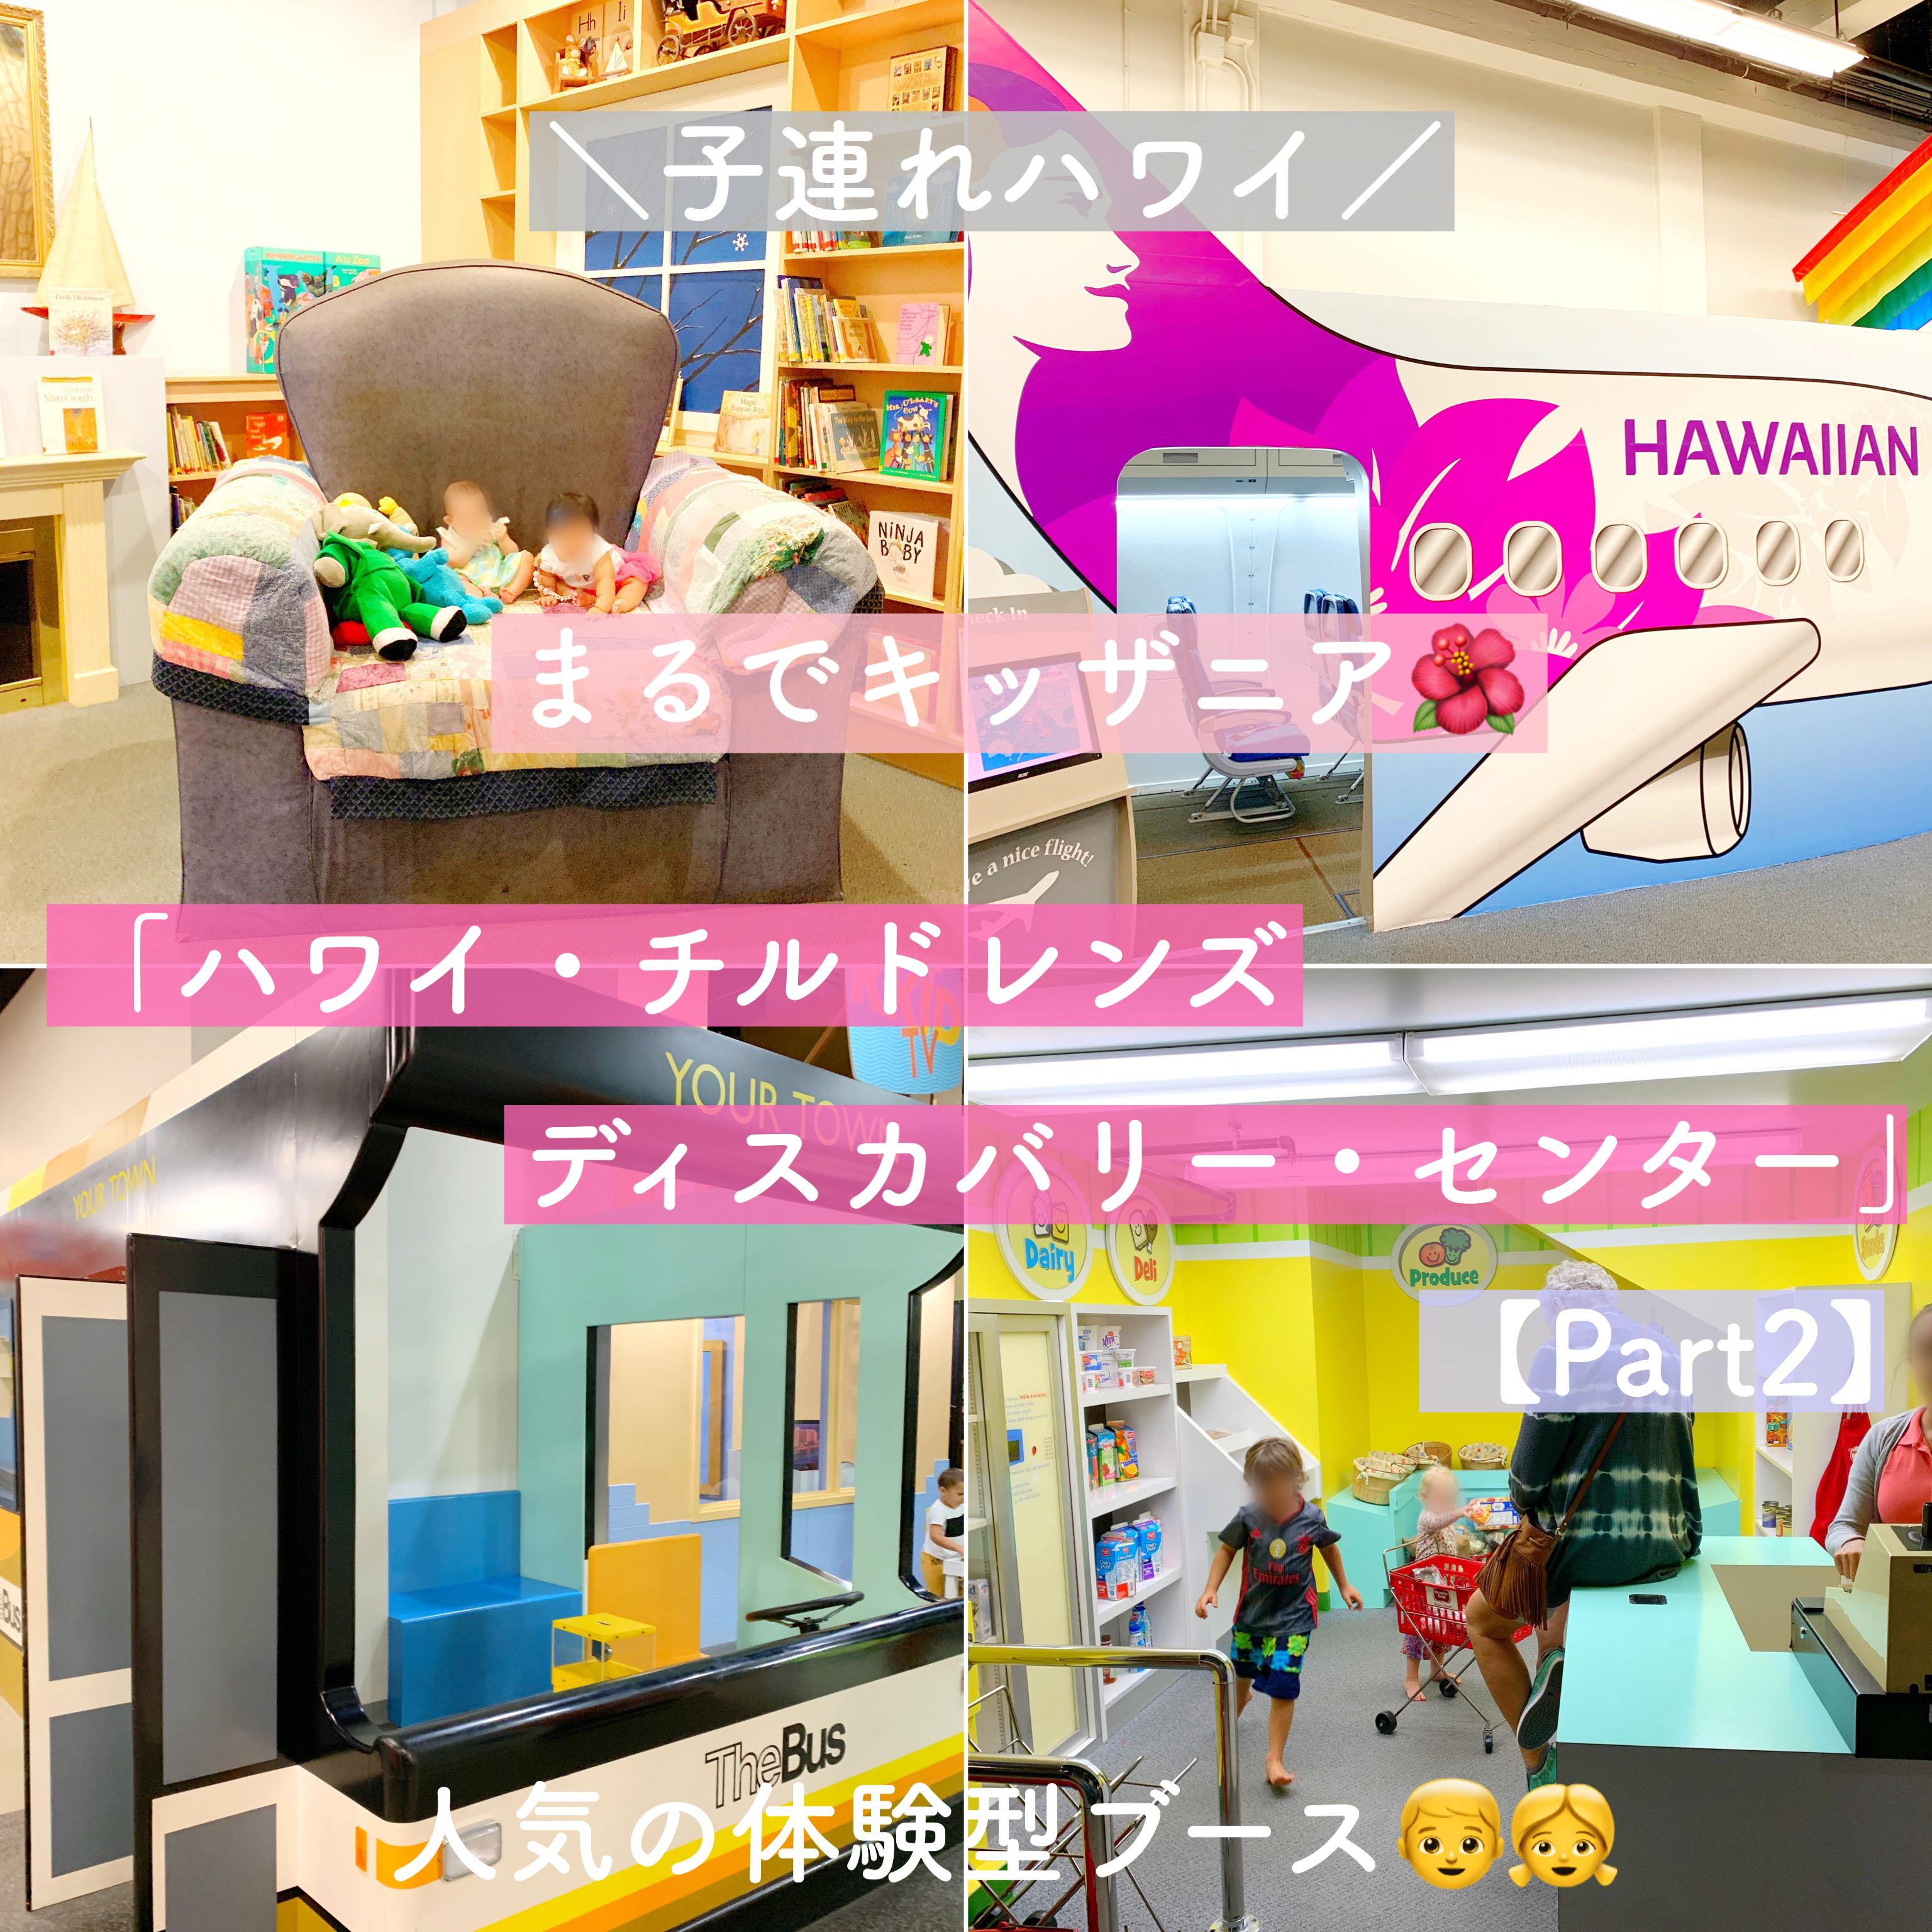 【子連れハワイ】「ハワイ・チルドレンズ・ディスカバリー・センター」職業体験が本格的【Part2】